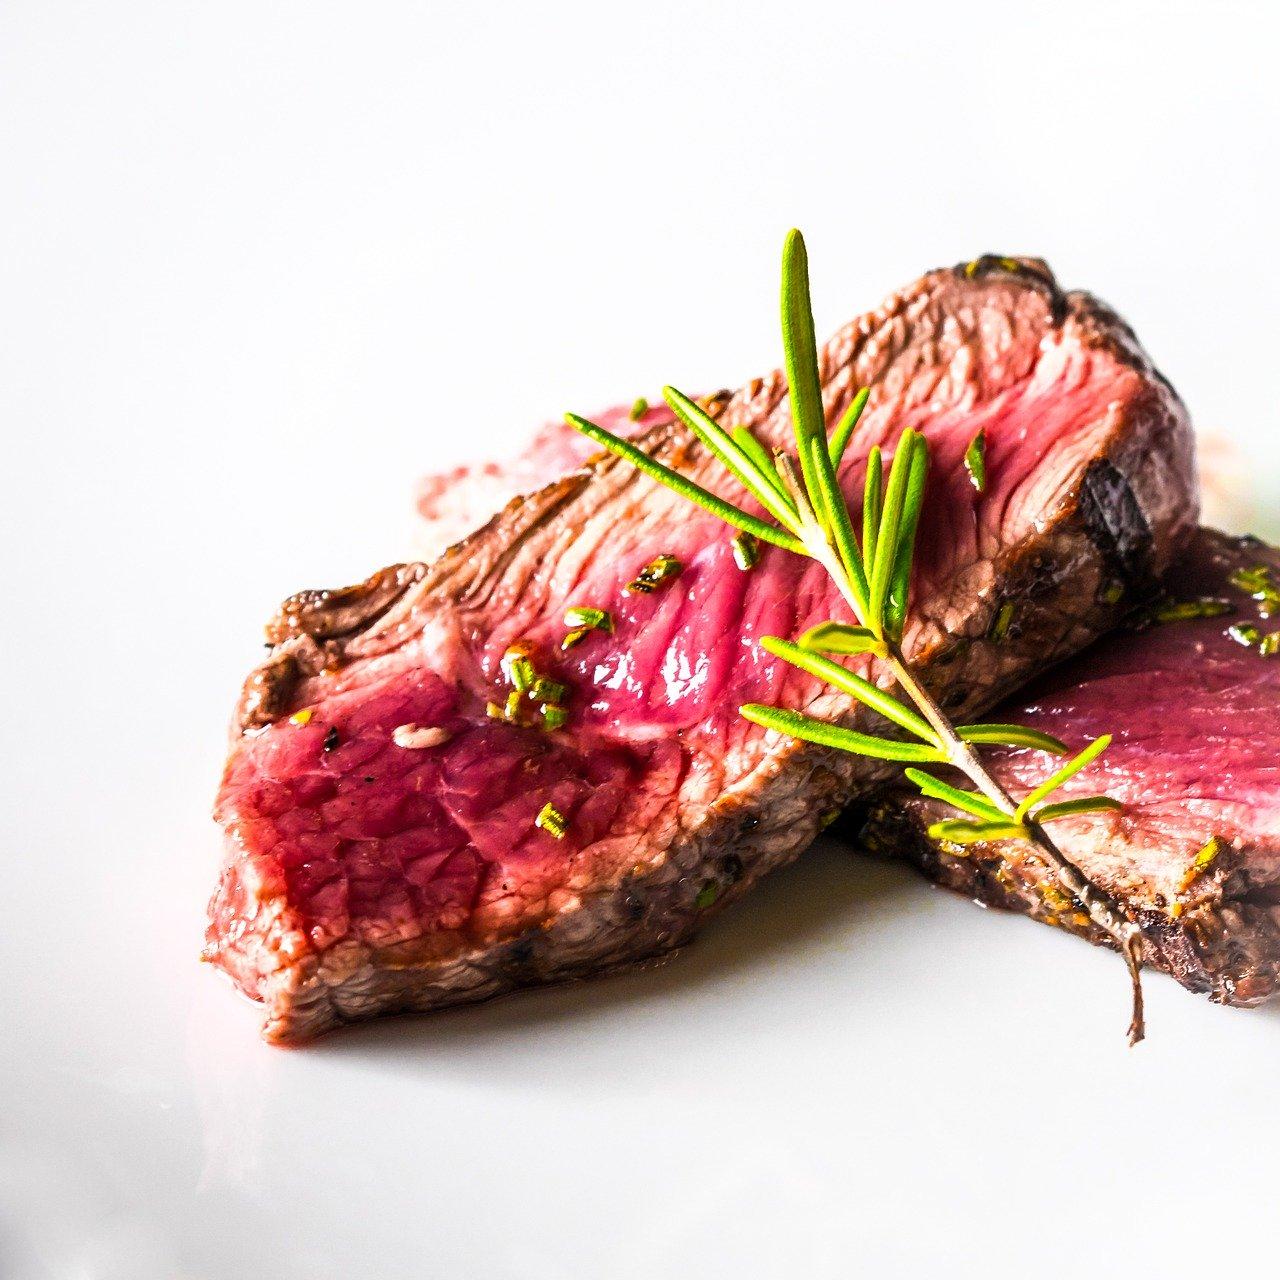 italy, italian food, beef